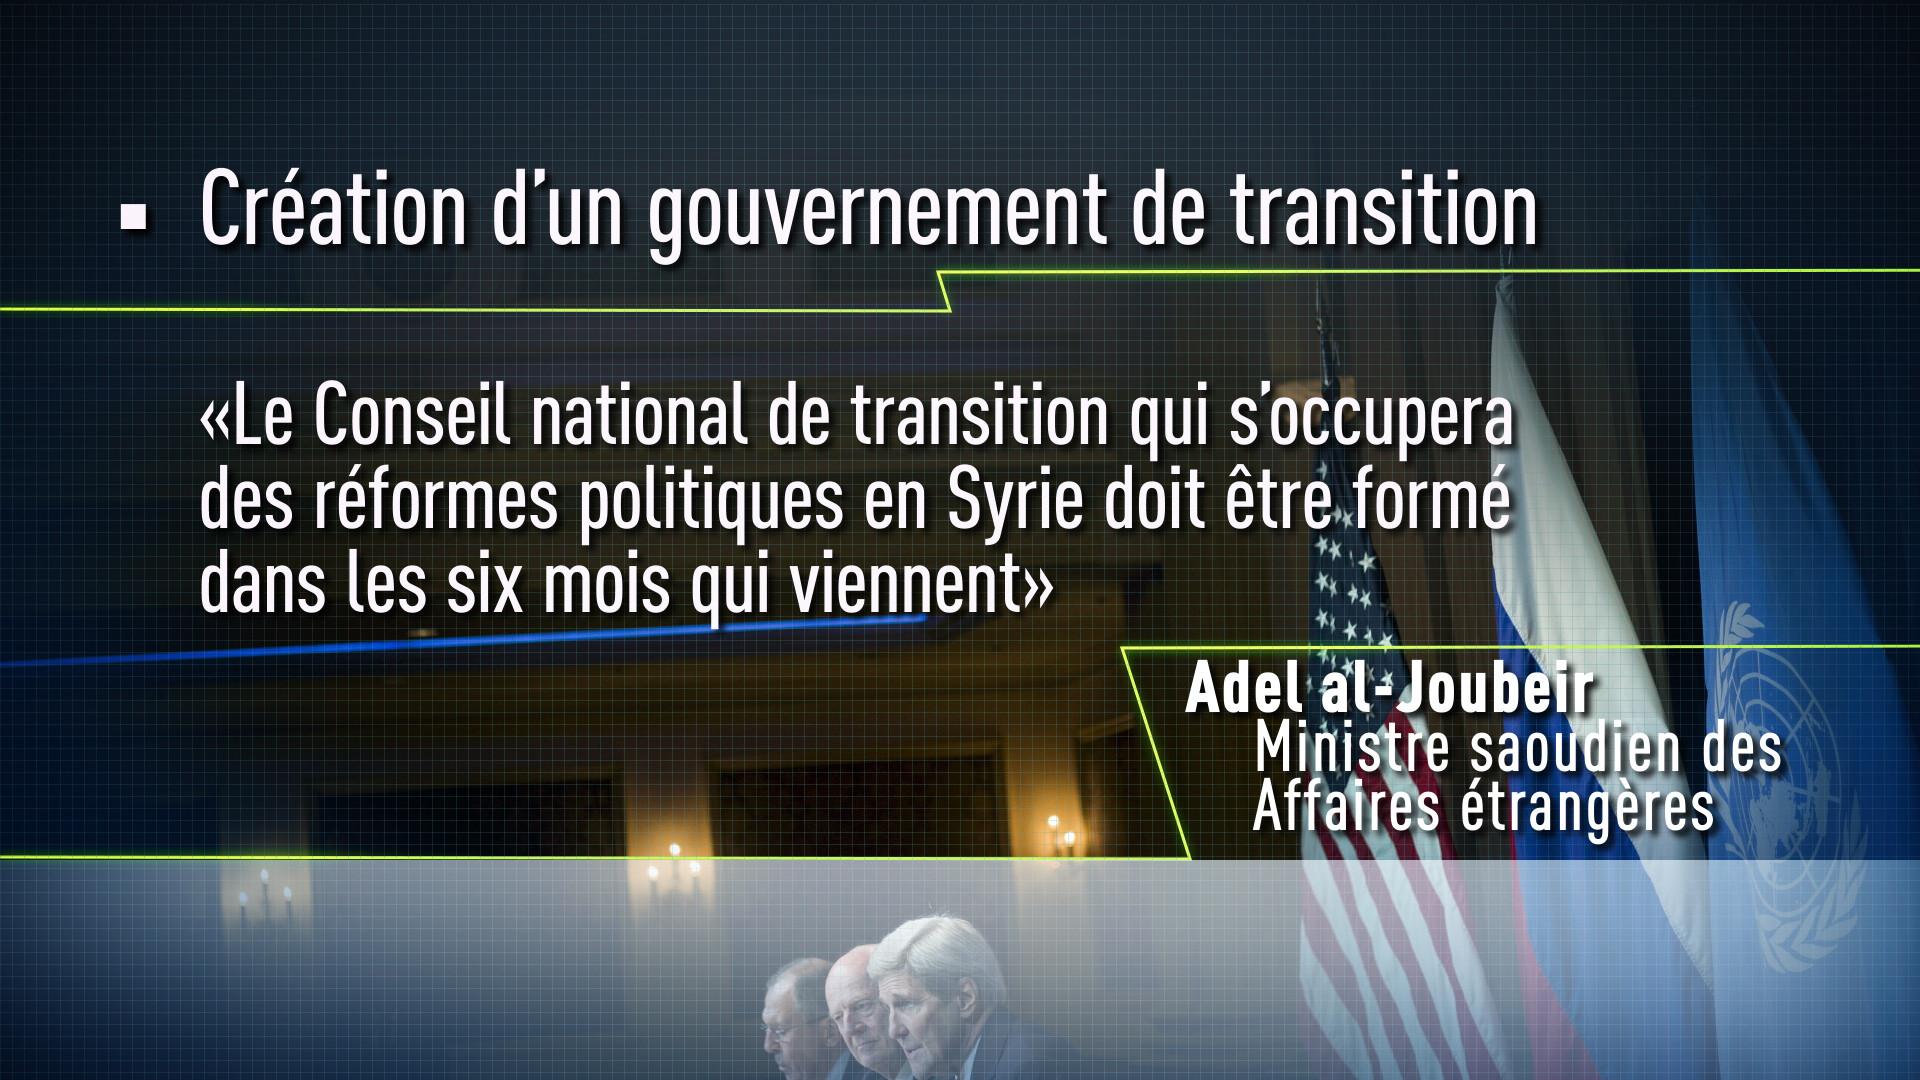 Création d'un gouvernement de transition